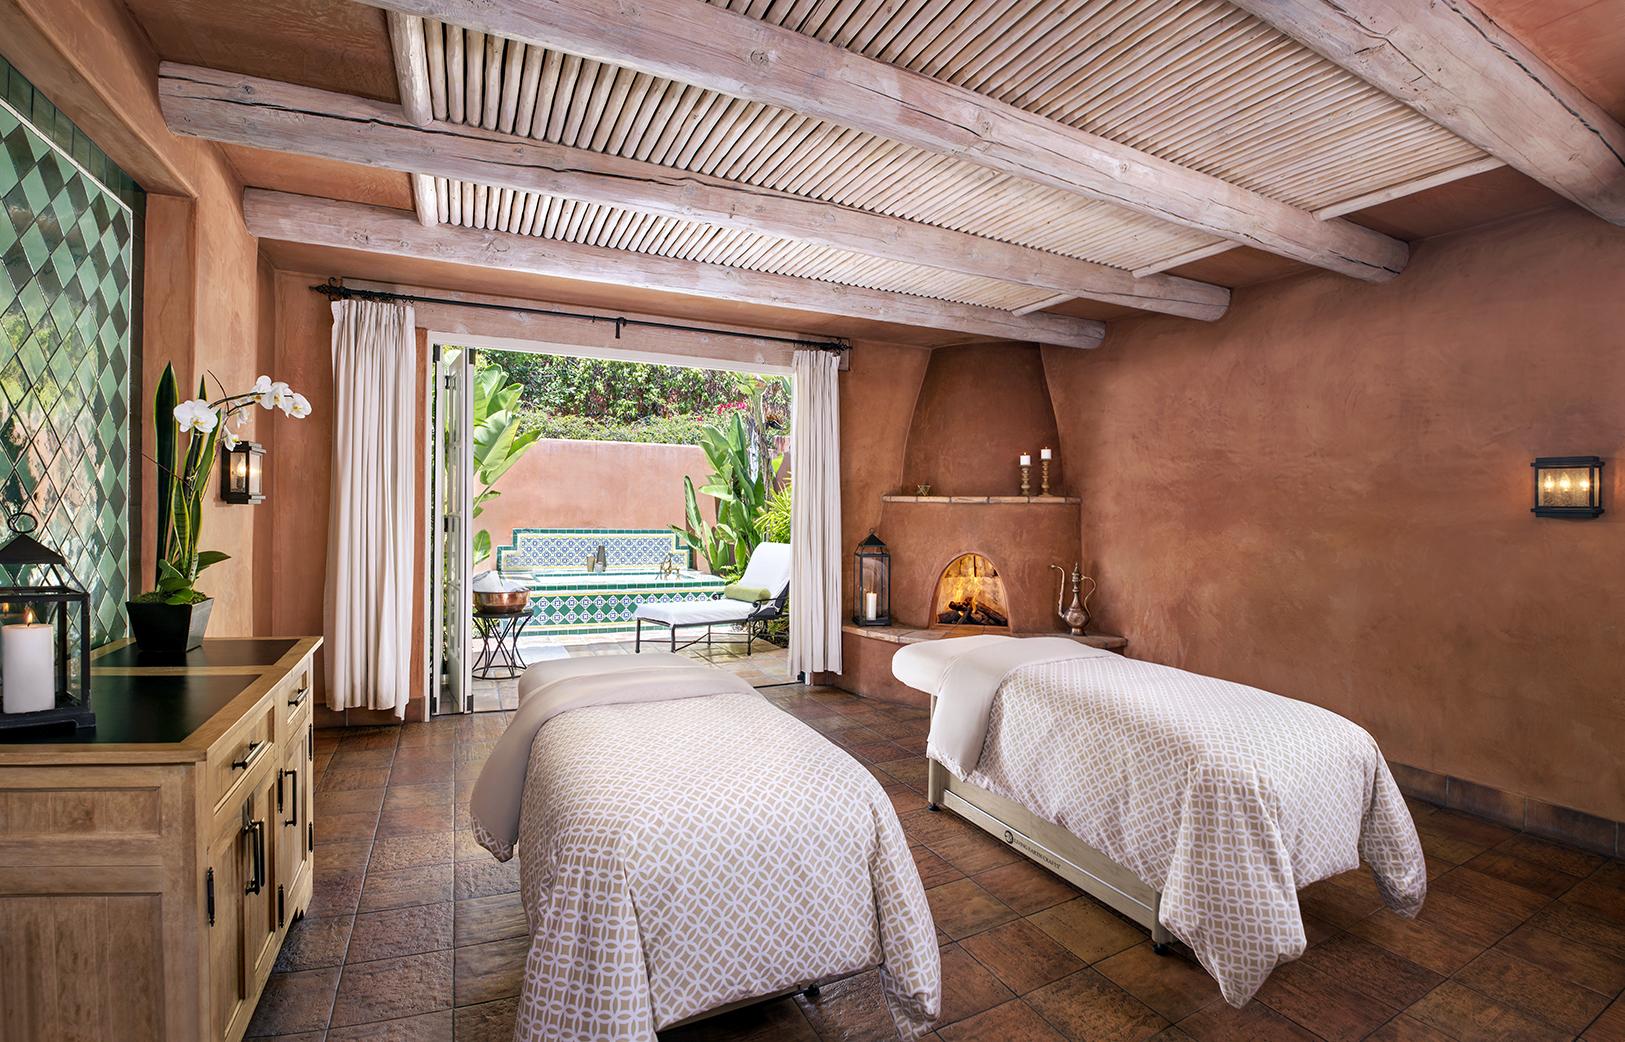 Bachelorette spa and wellness retreat